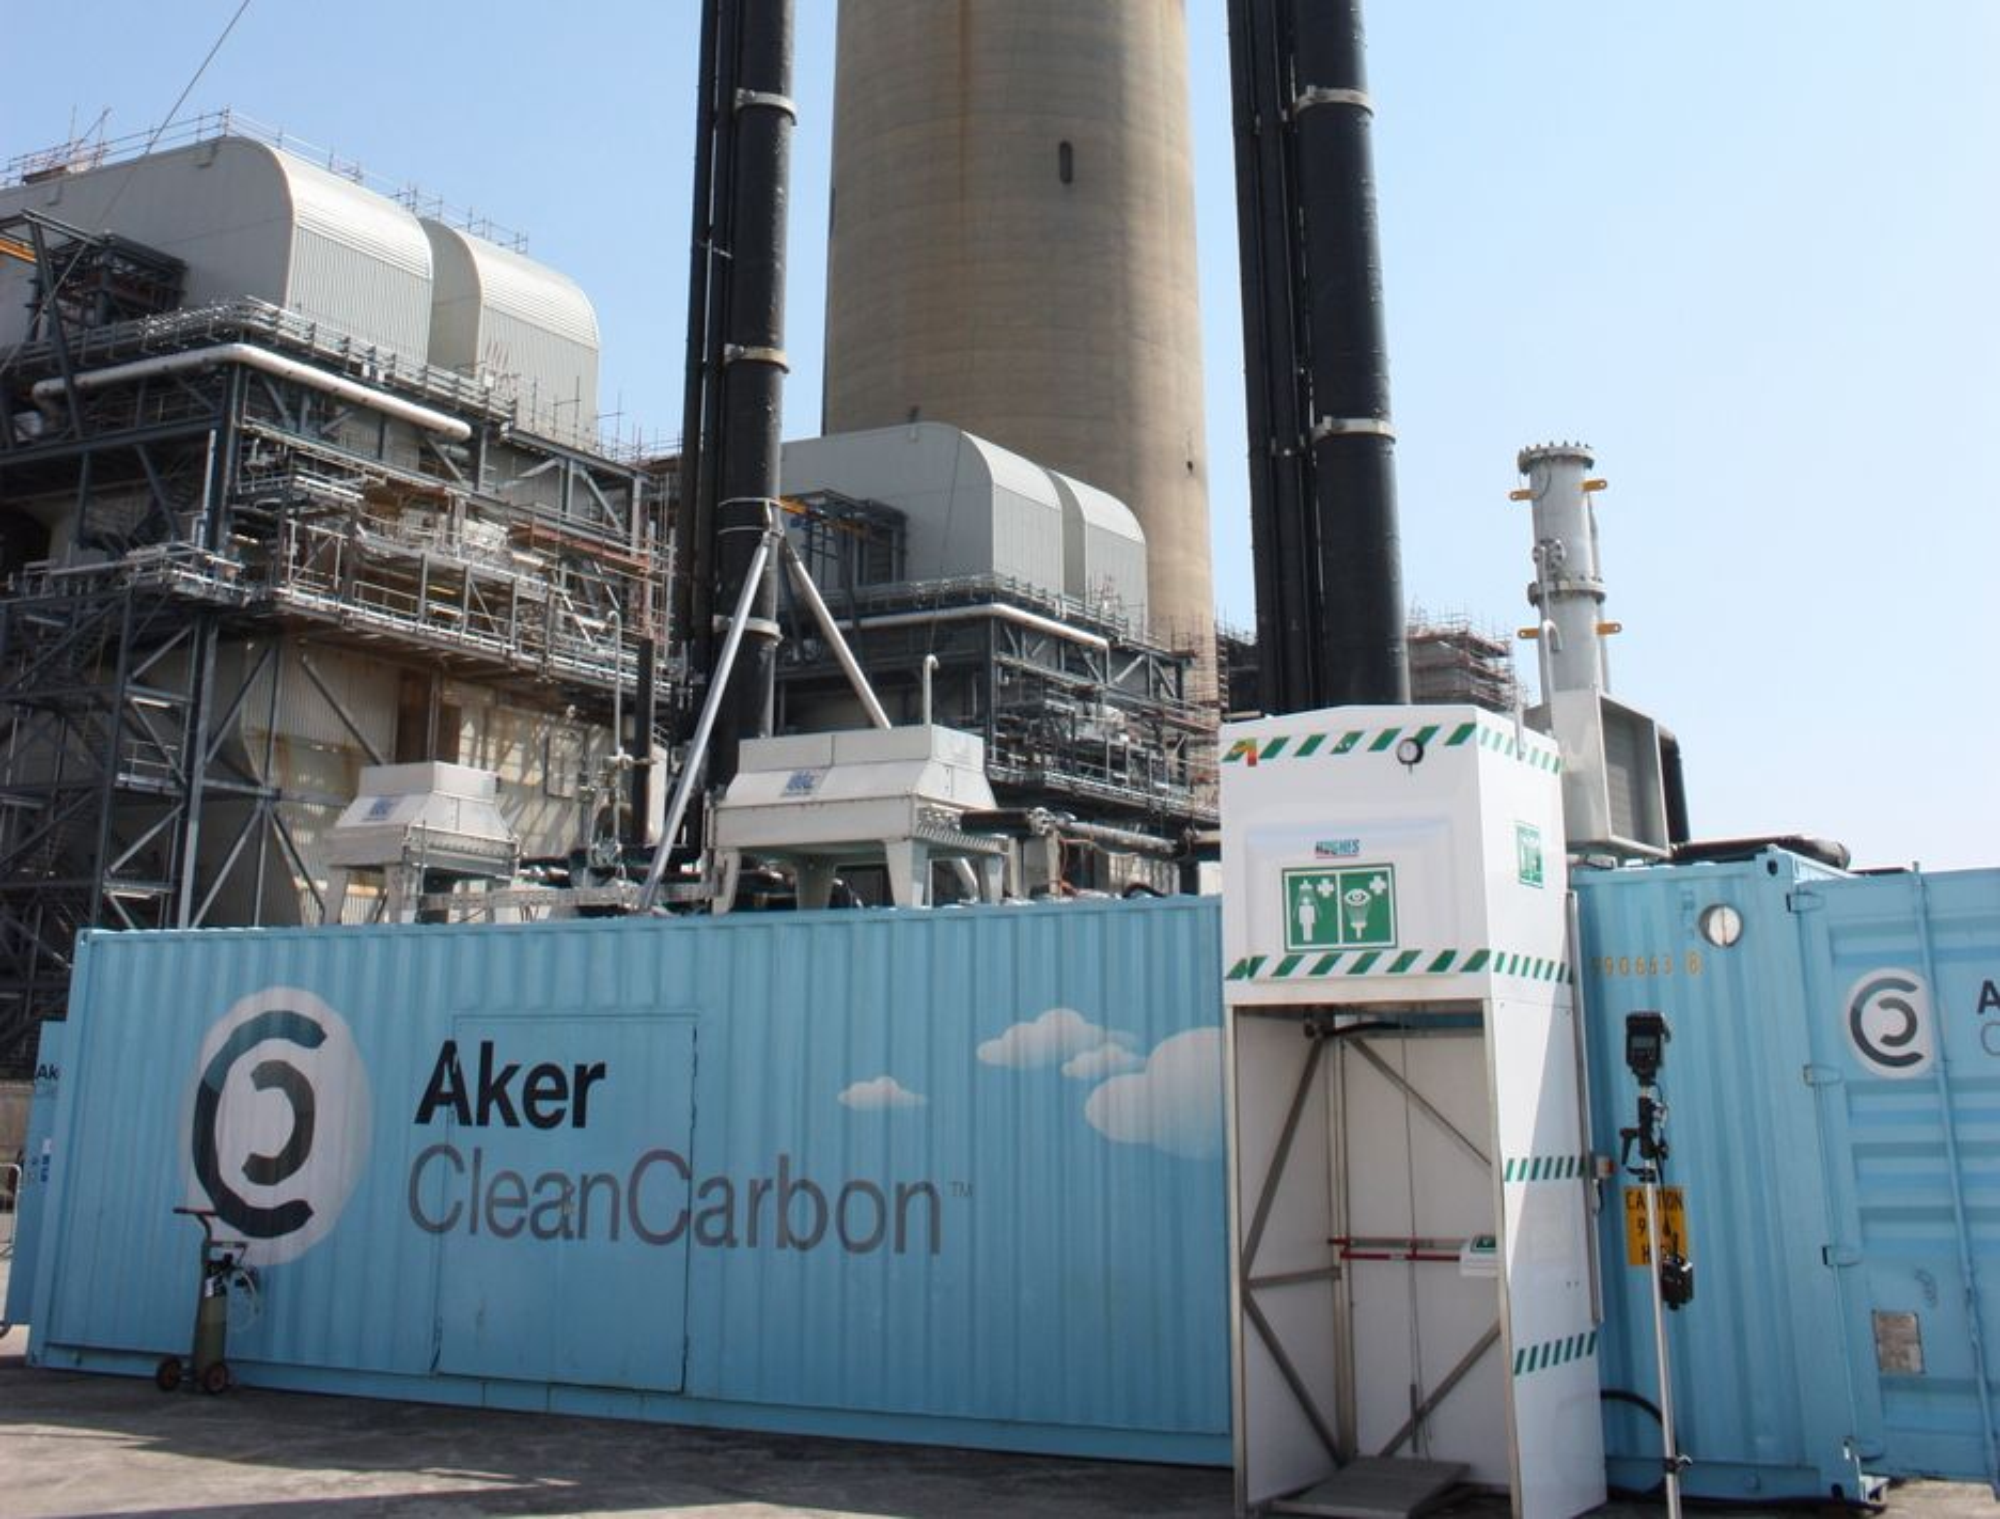 FØRST UTE: Aker Clean Carbon var de første som kapreten kontrakt for CO2-fangst i Storbritannia. Anlegget ble satt i drift ved Longannet-kraftverket i dag, fredag 29.5.05